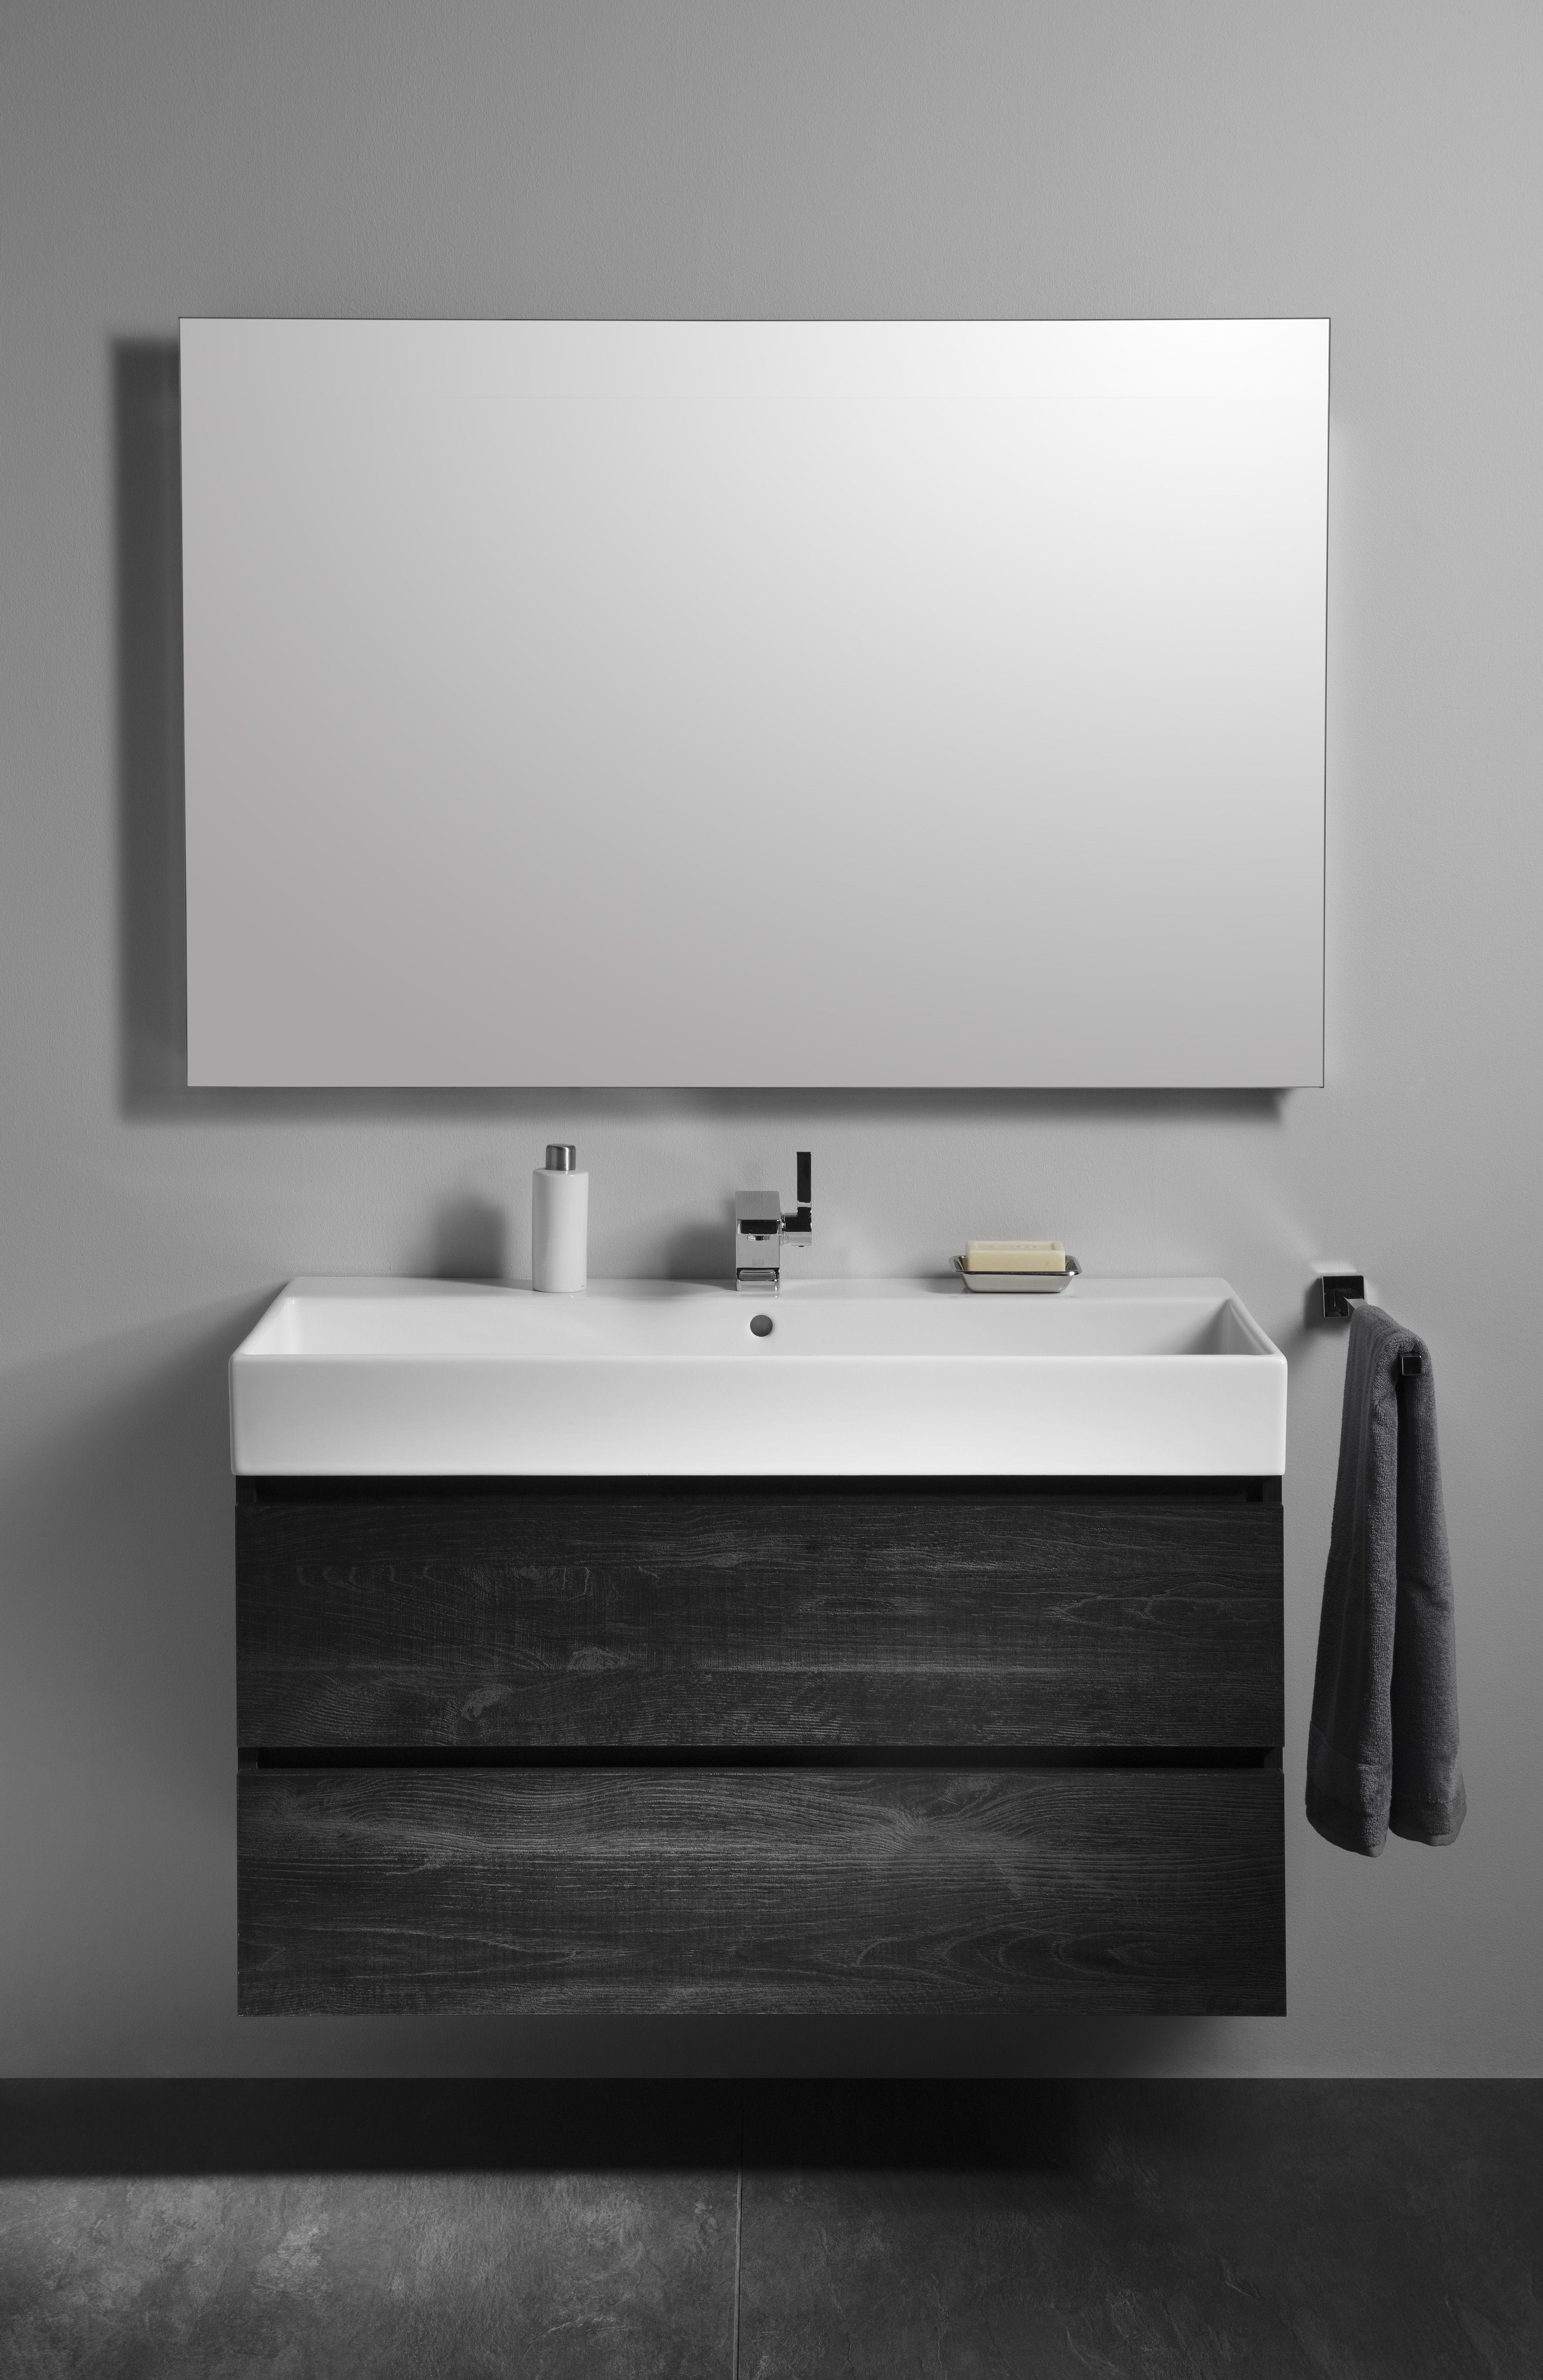 Badezimmer Spiegel Serie Look Spiegel Badezimmerspiegel Beleuchtungskonzepte